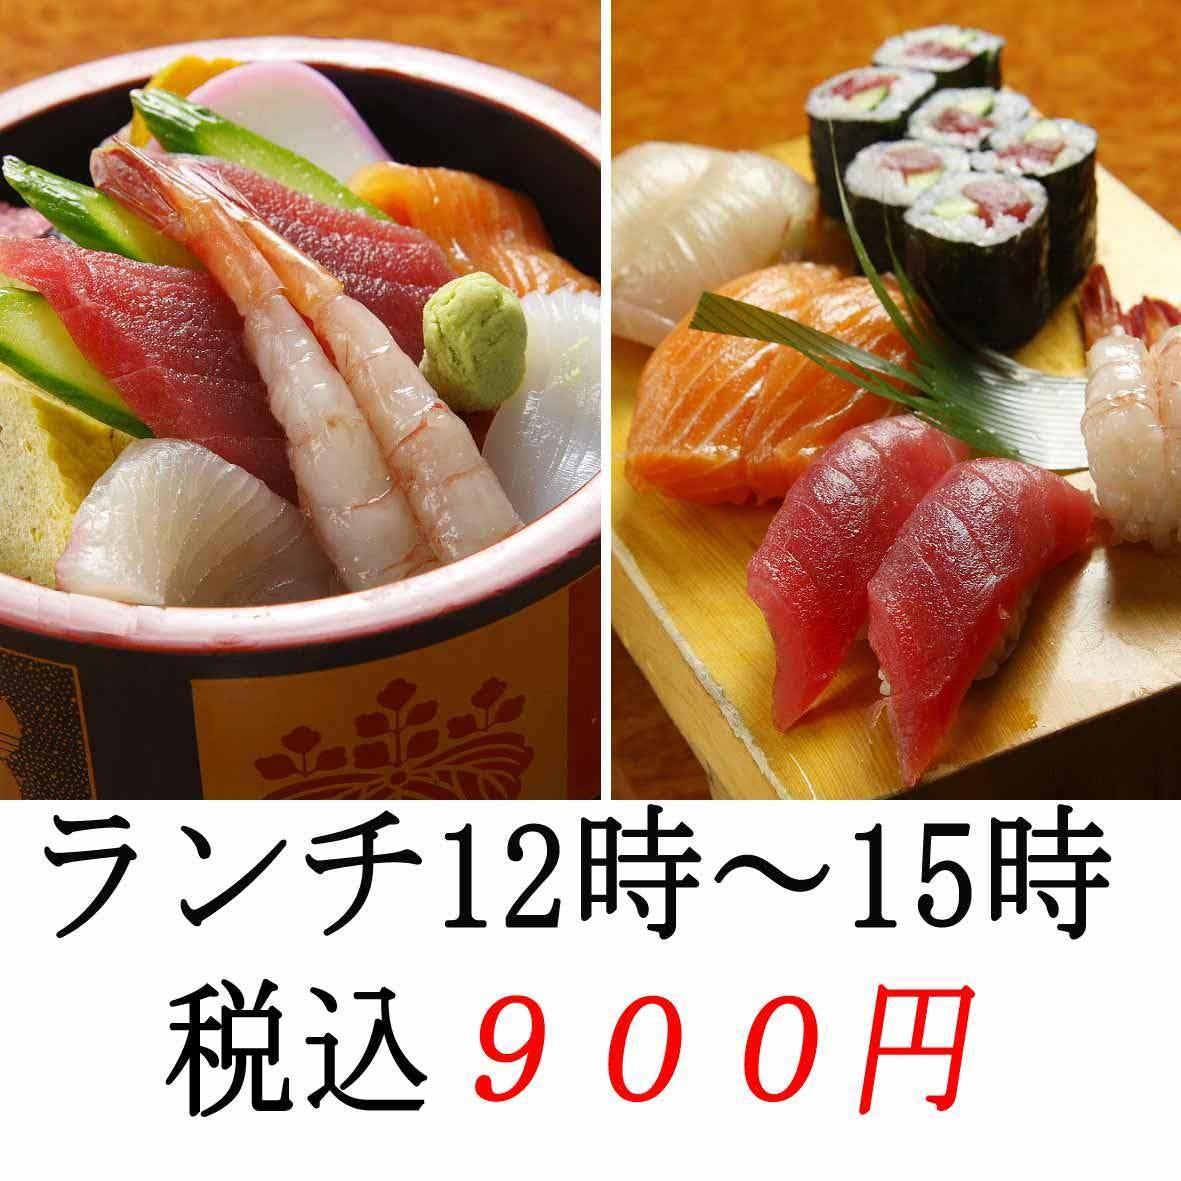 にぎり・ちらしランチ900円(税込)